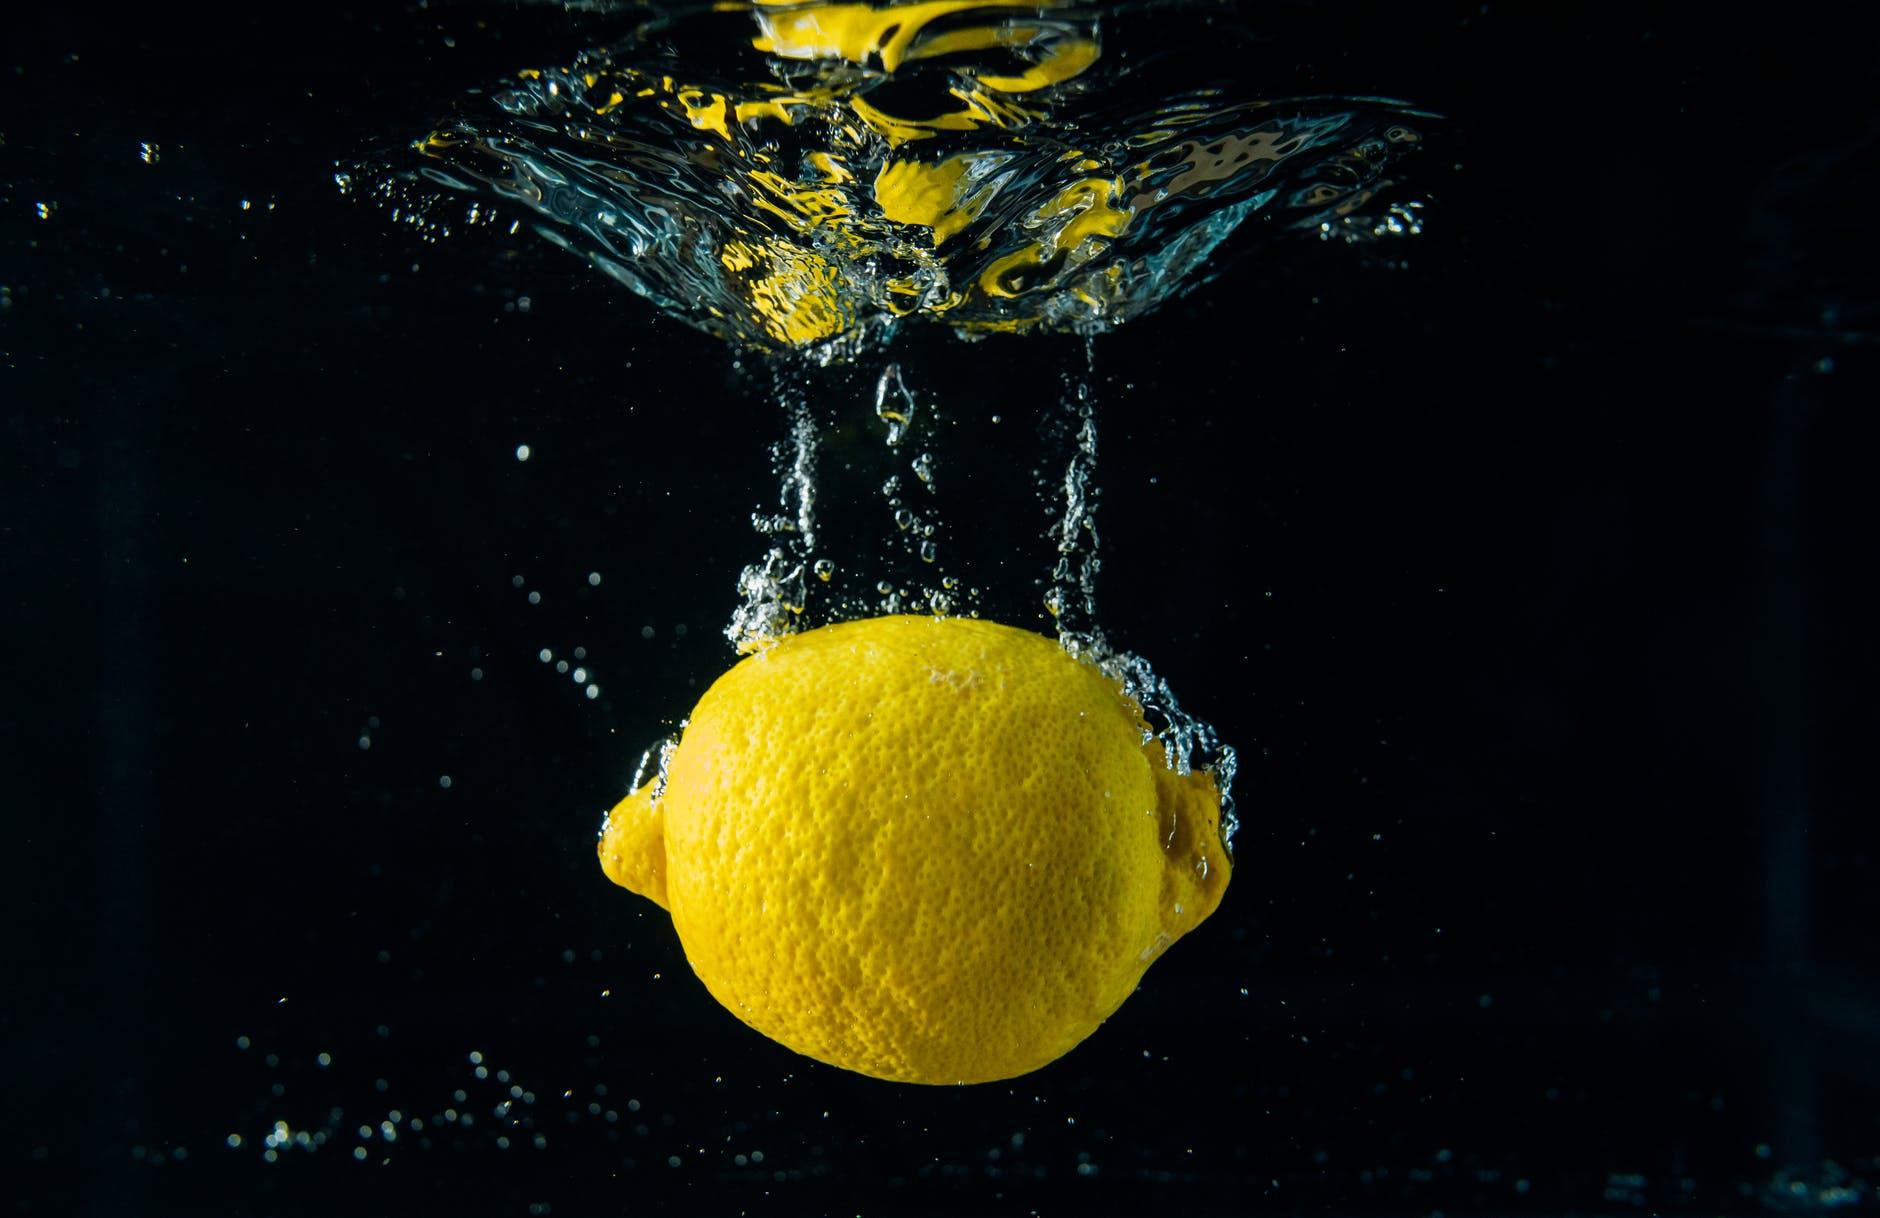 Manfaat Dari Segarnya Air Lemon